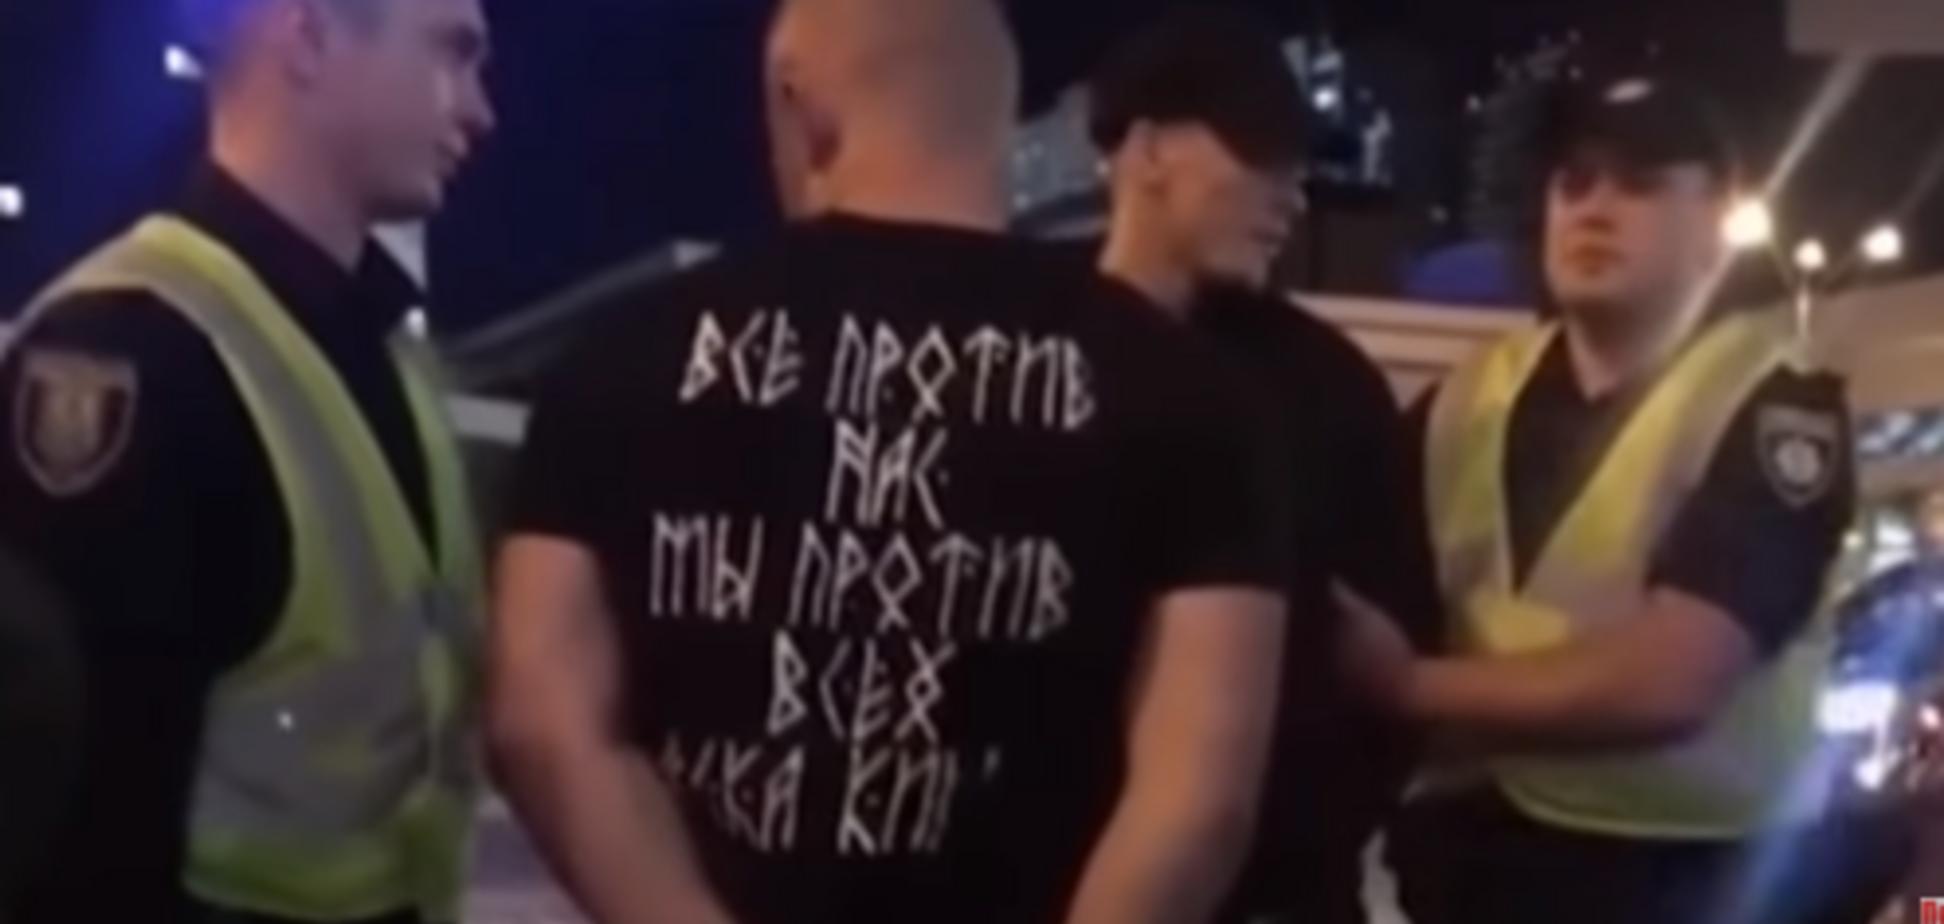 Фанів 'Ліверпуля' побили в центрі Києва: стало відомо, хто 'відзначився'